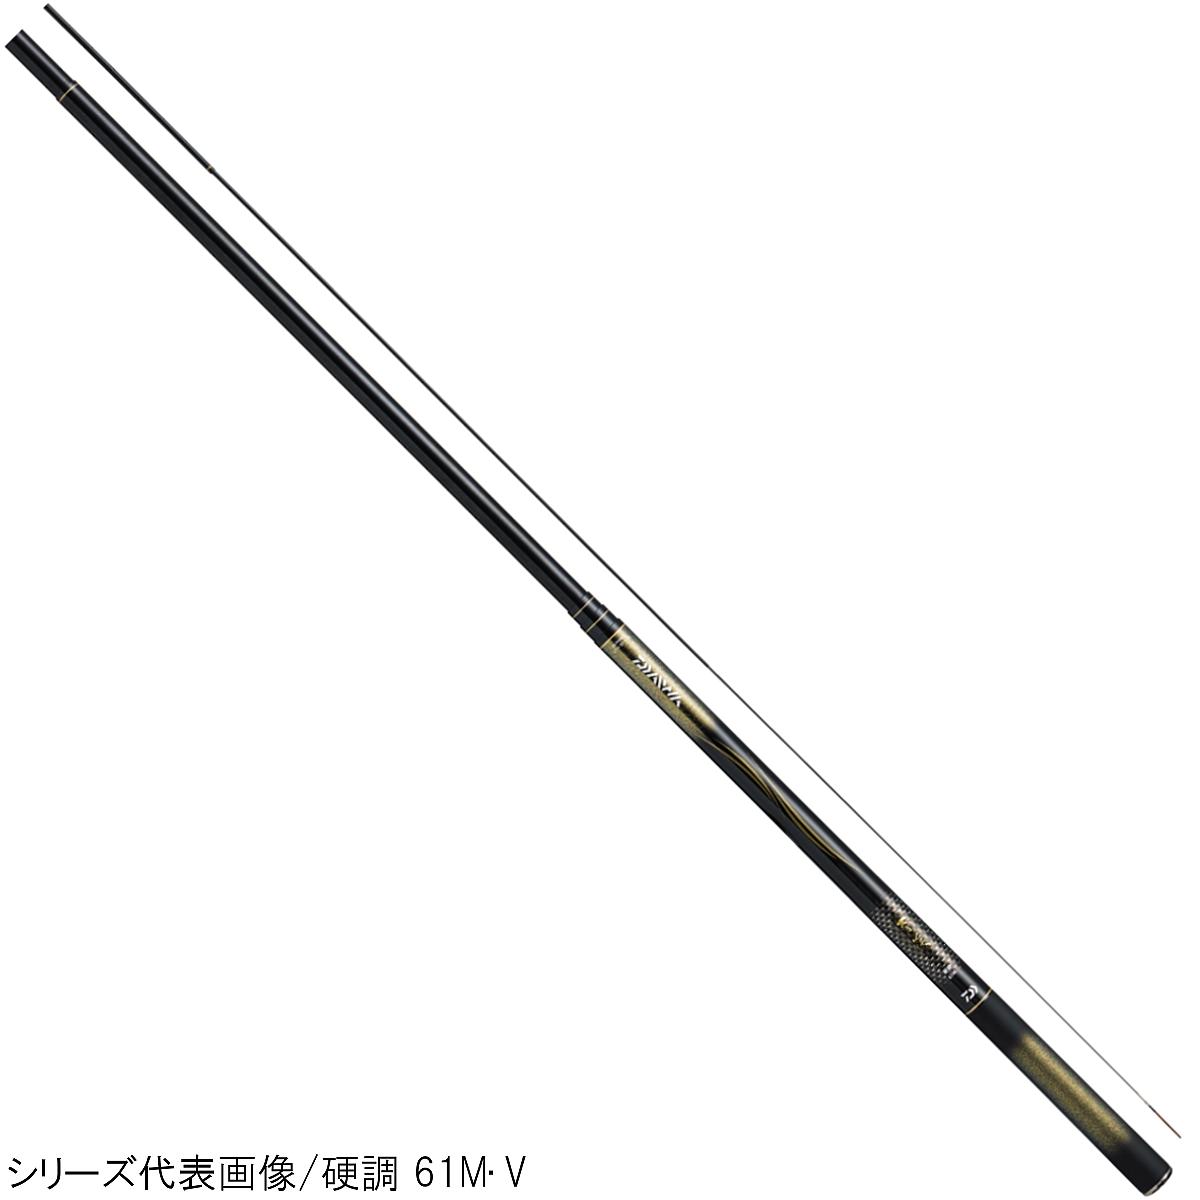 ダイワ 春渓 中硬硬 61M・V(東日本店)